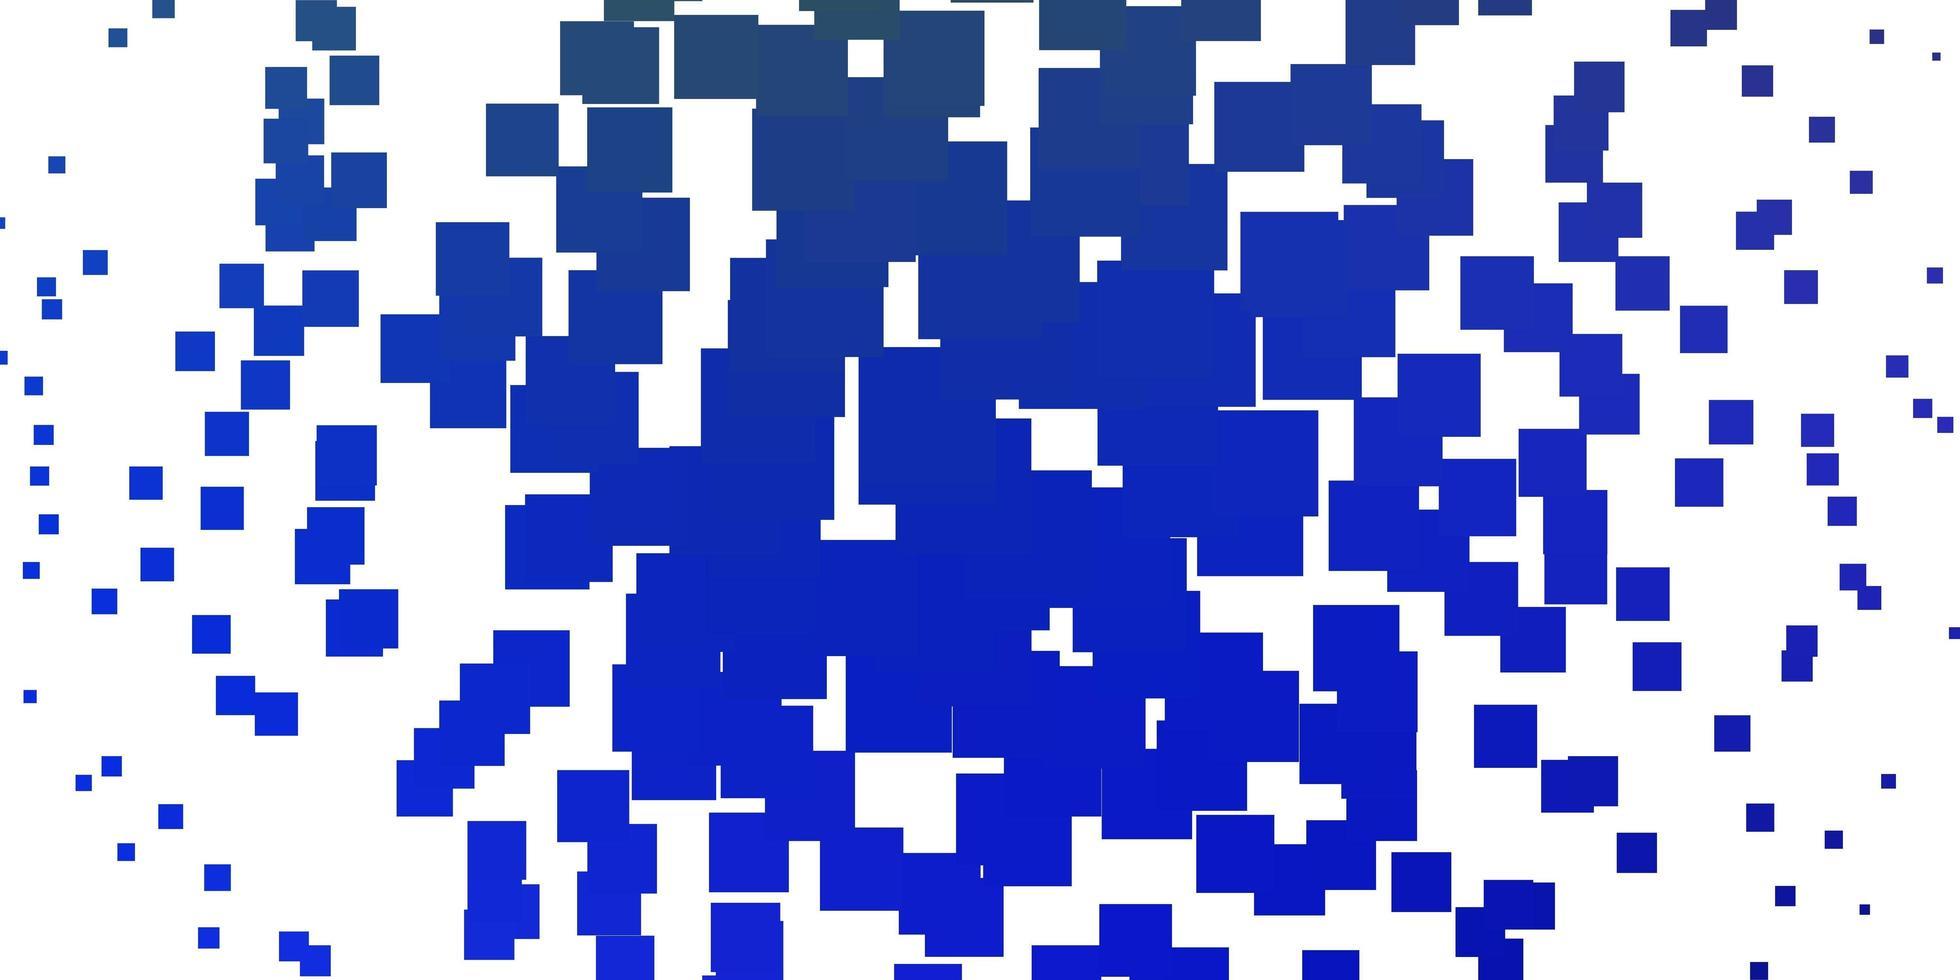 padrão de vetor azul claro e verde em estilo quadrado